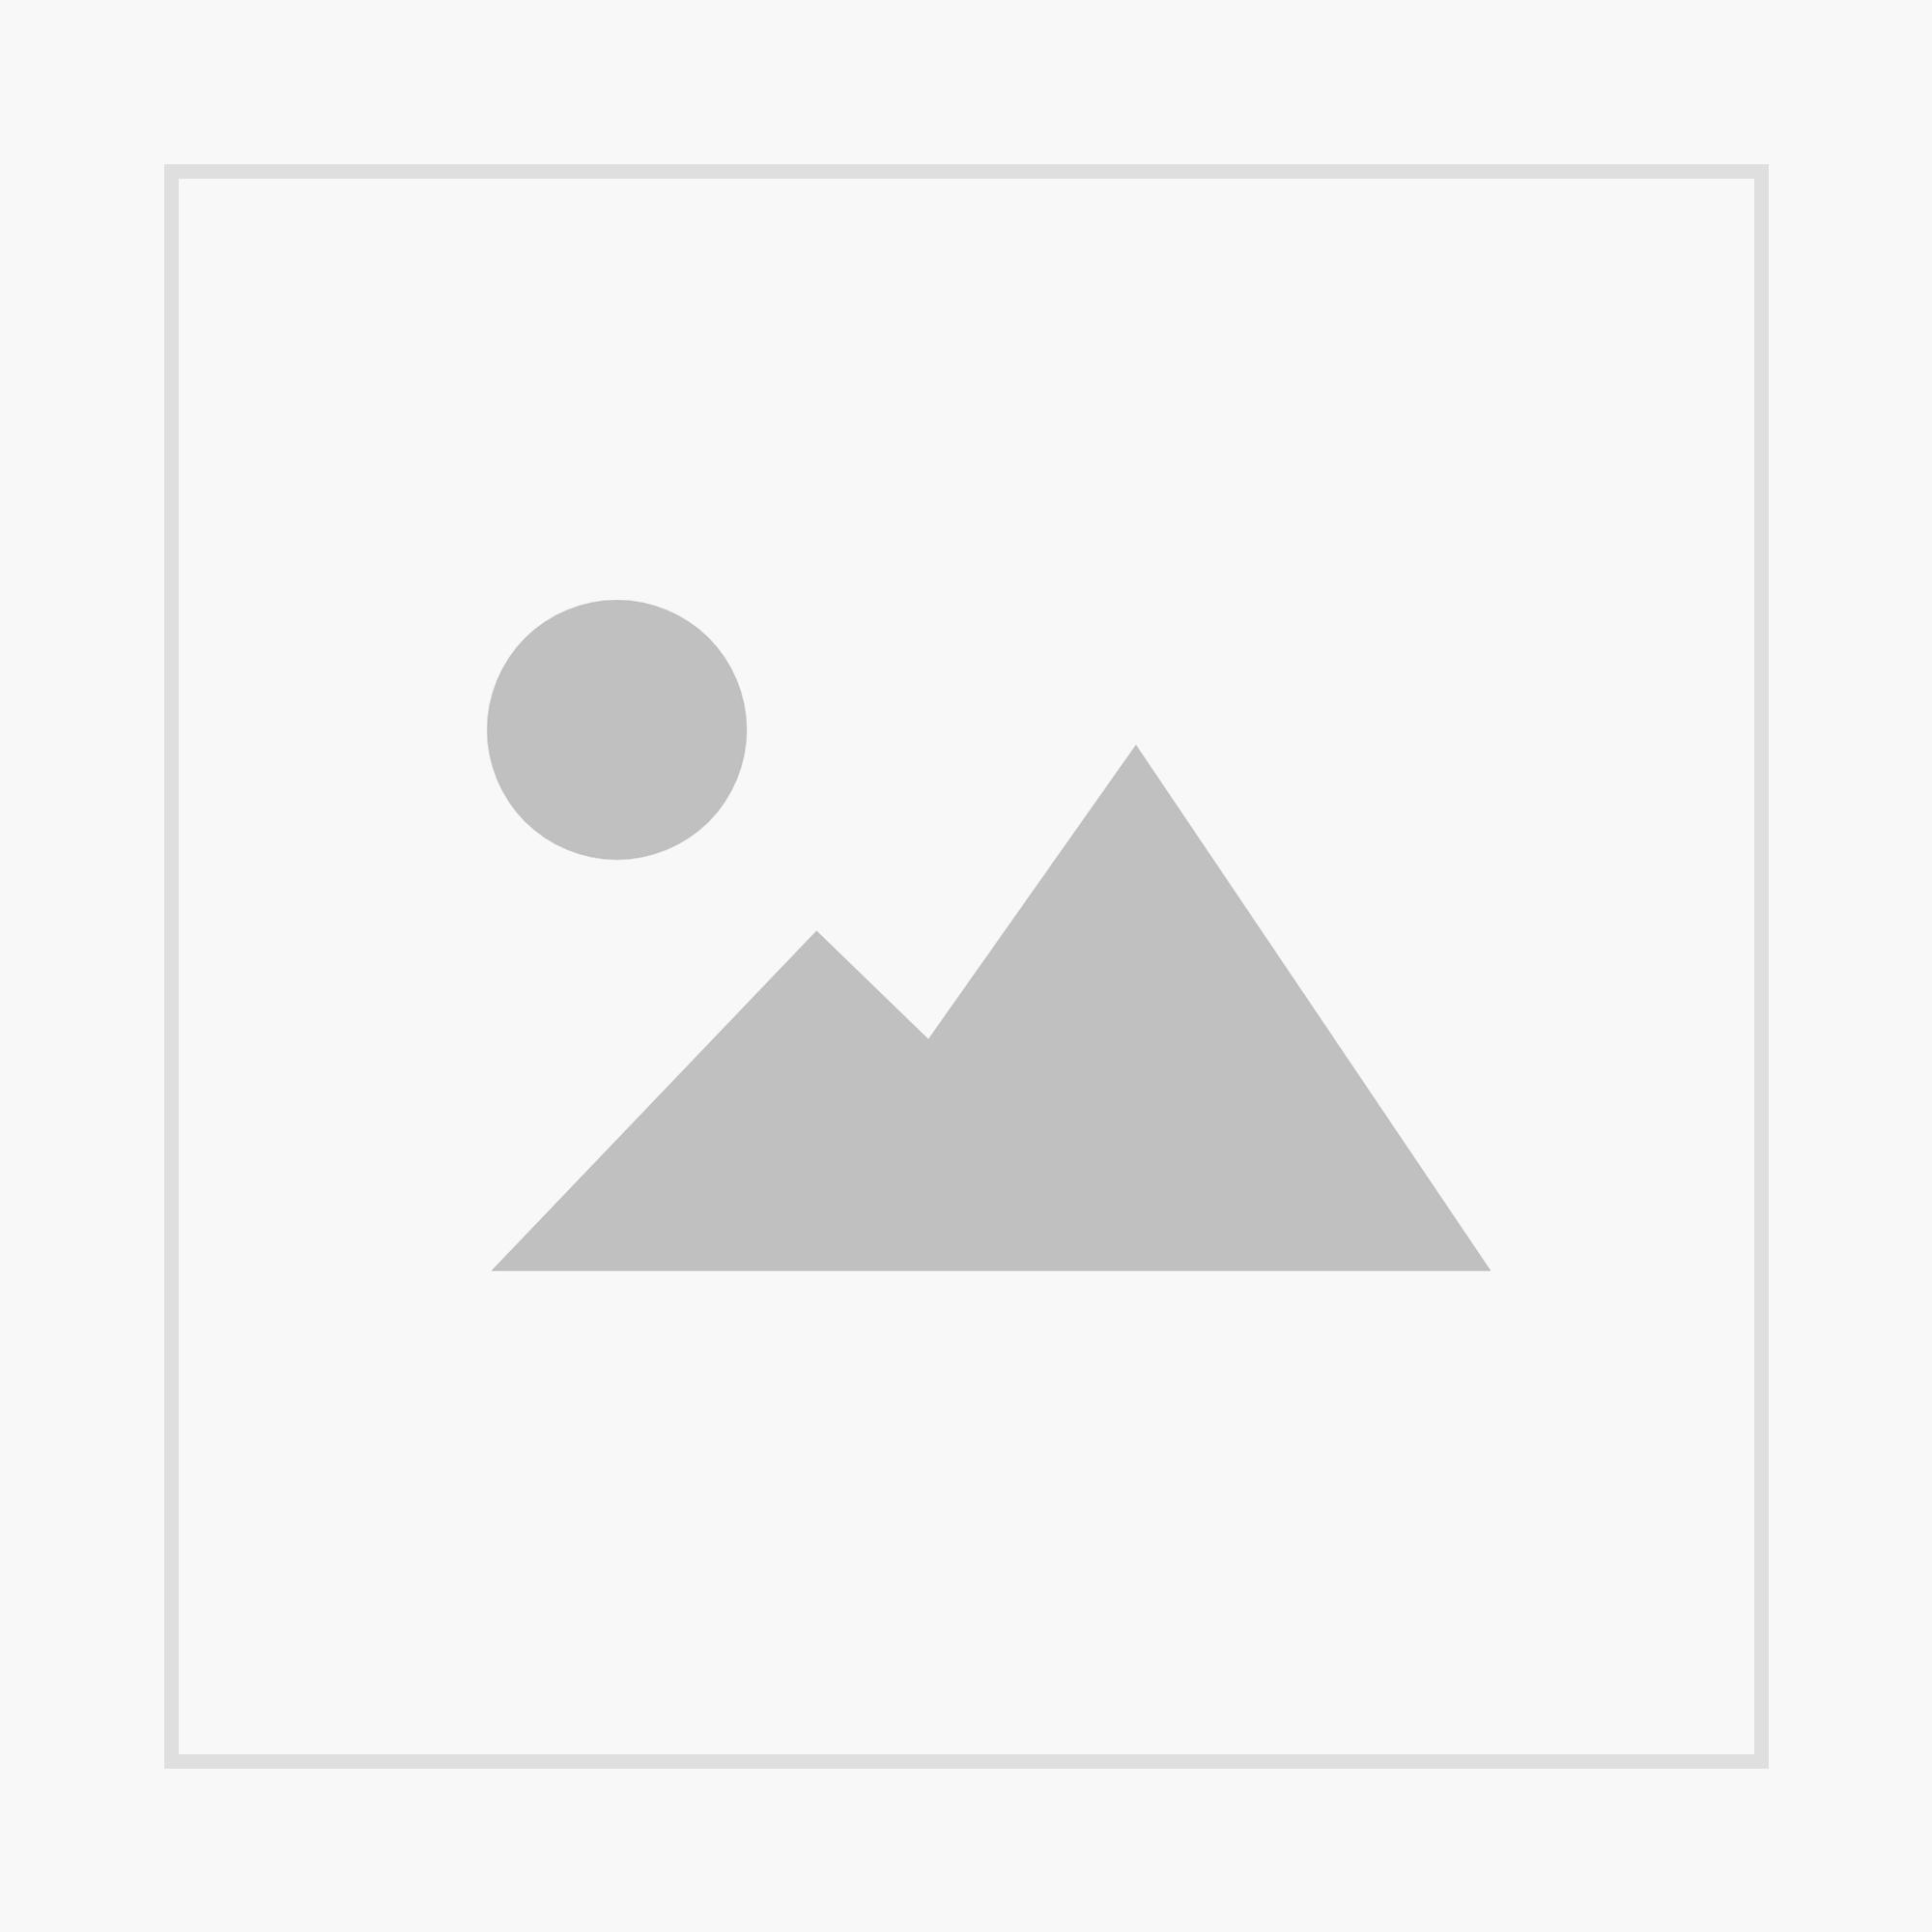 NaBiV Heft 148: Ausweisungen von Nationalparks in Deutschland - Akzeptanz und Widerstand